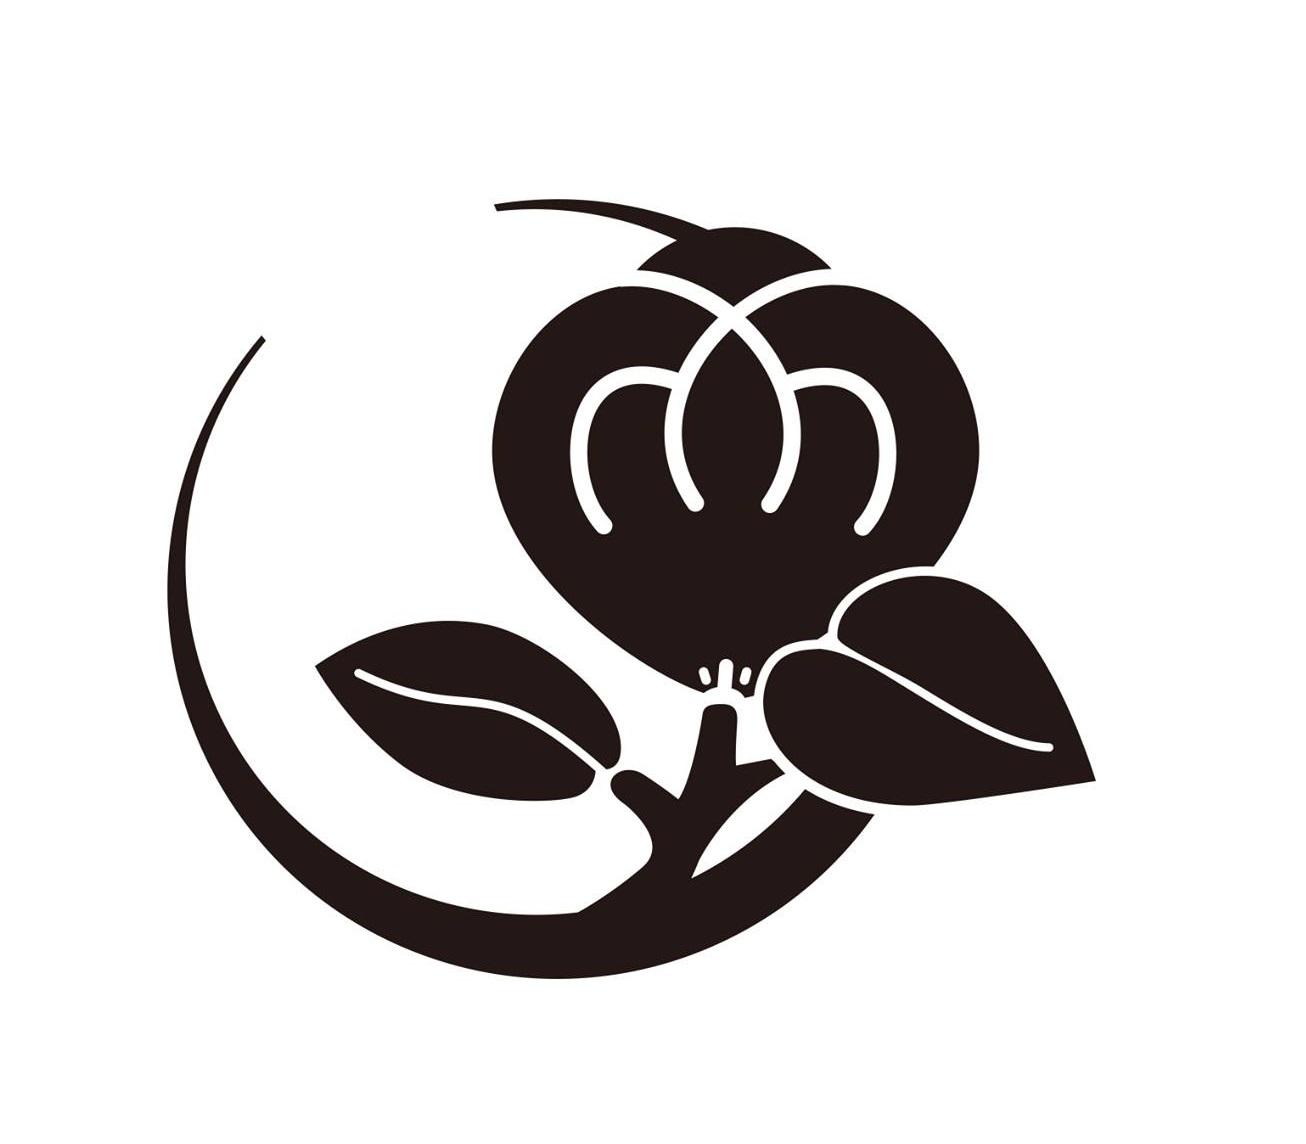 日本茶アンバサダー協会事務局